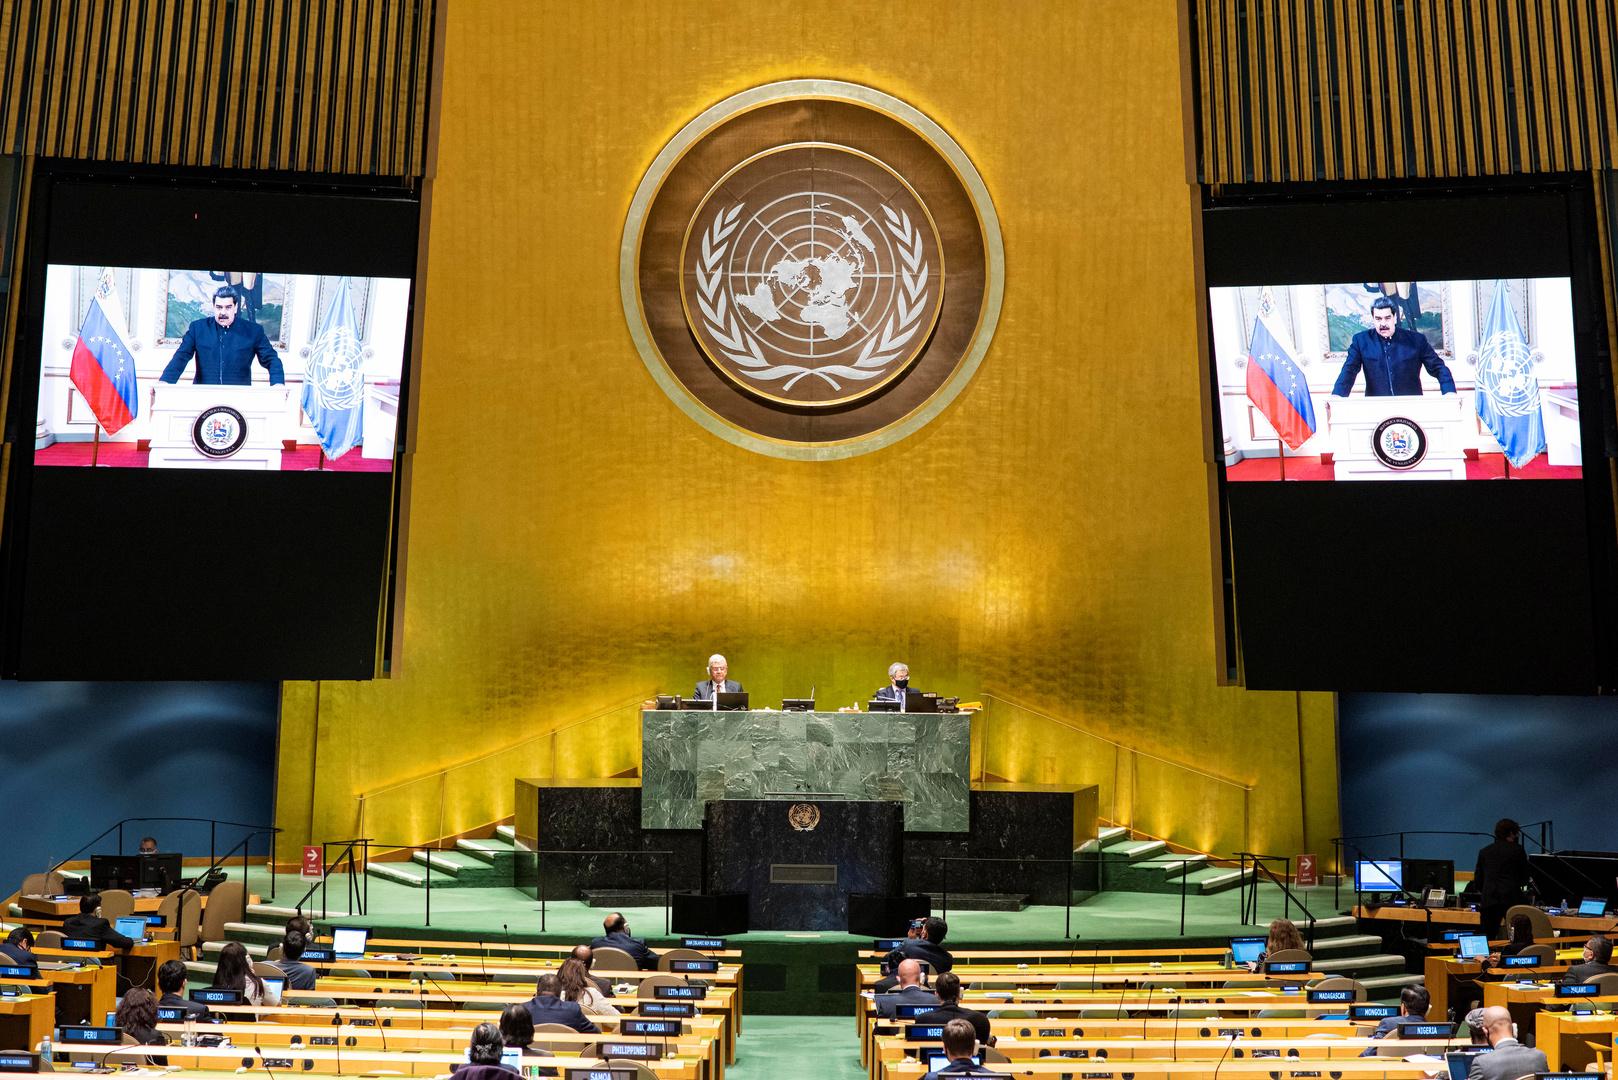 الكويت وفلسطين تلقيان كلمتيهما أمام الجمعية العامة للأمم المتحدة